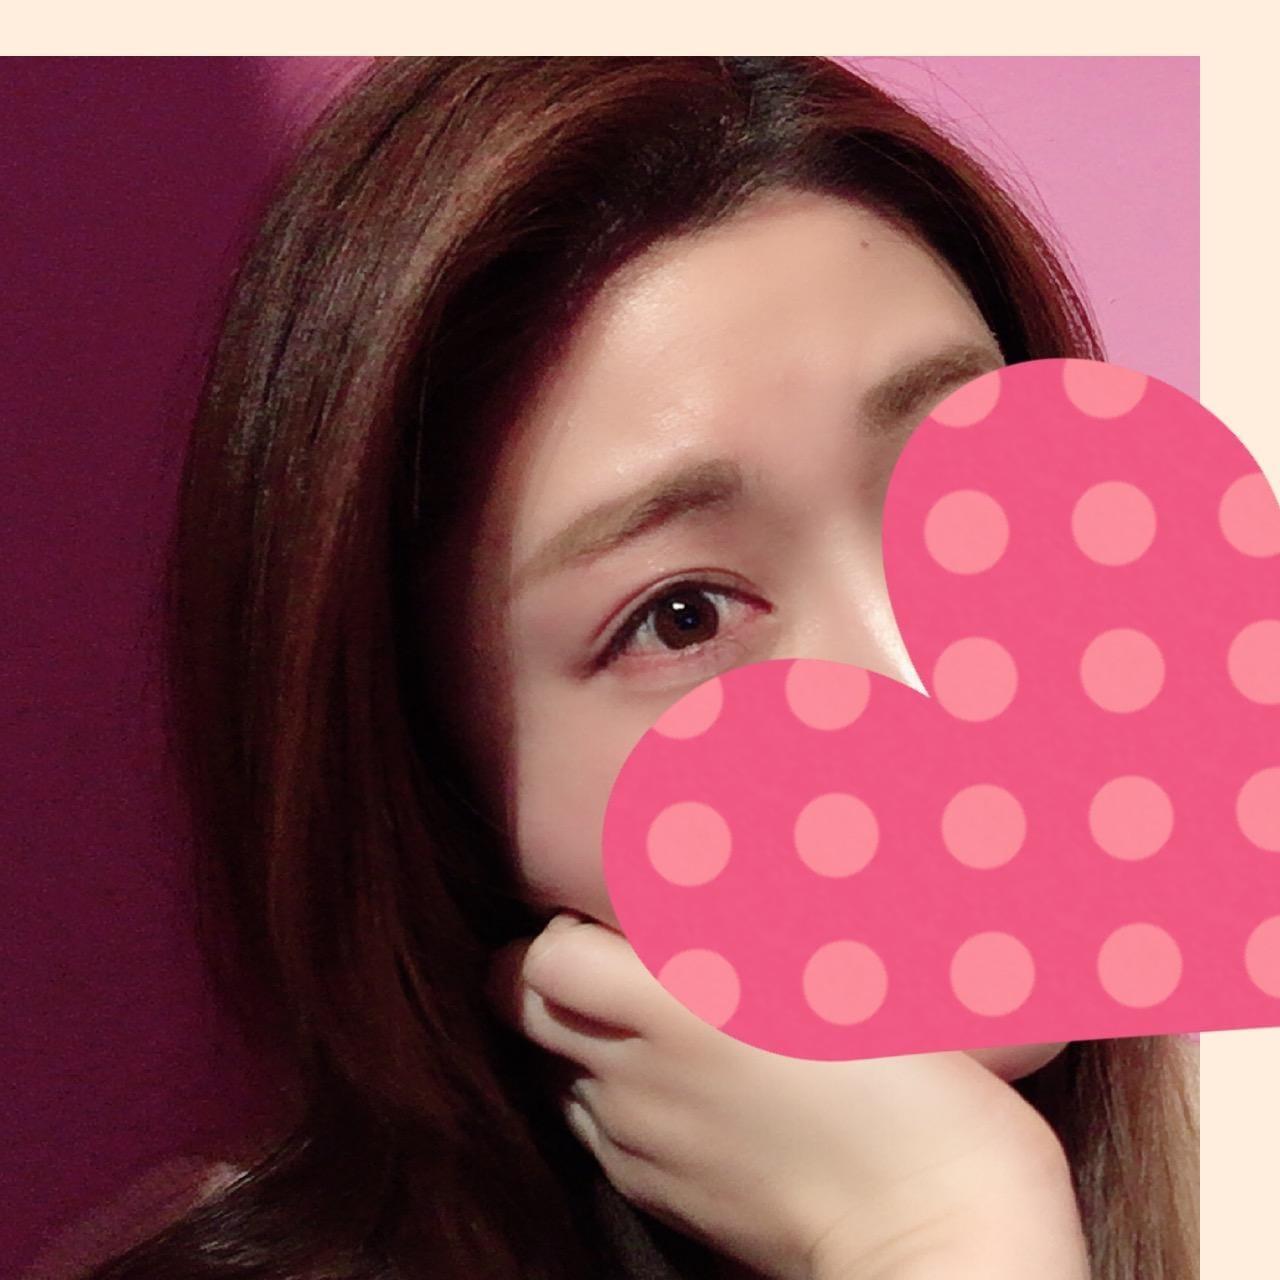 「こんにちは♪」01/24(木) 11:45 | ひなのの写メ・風俗動画